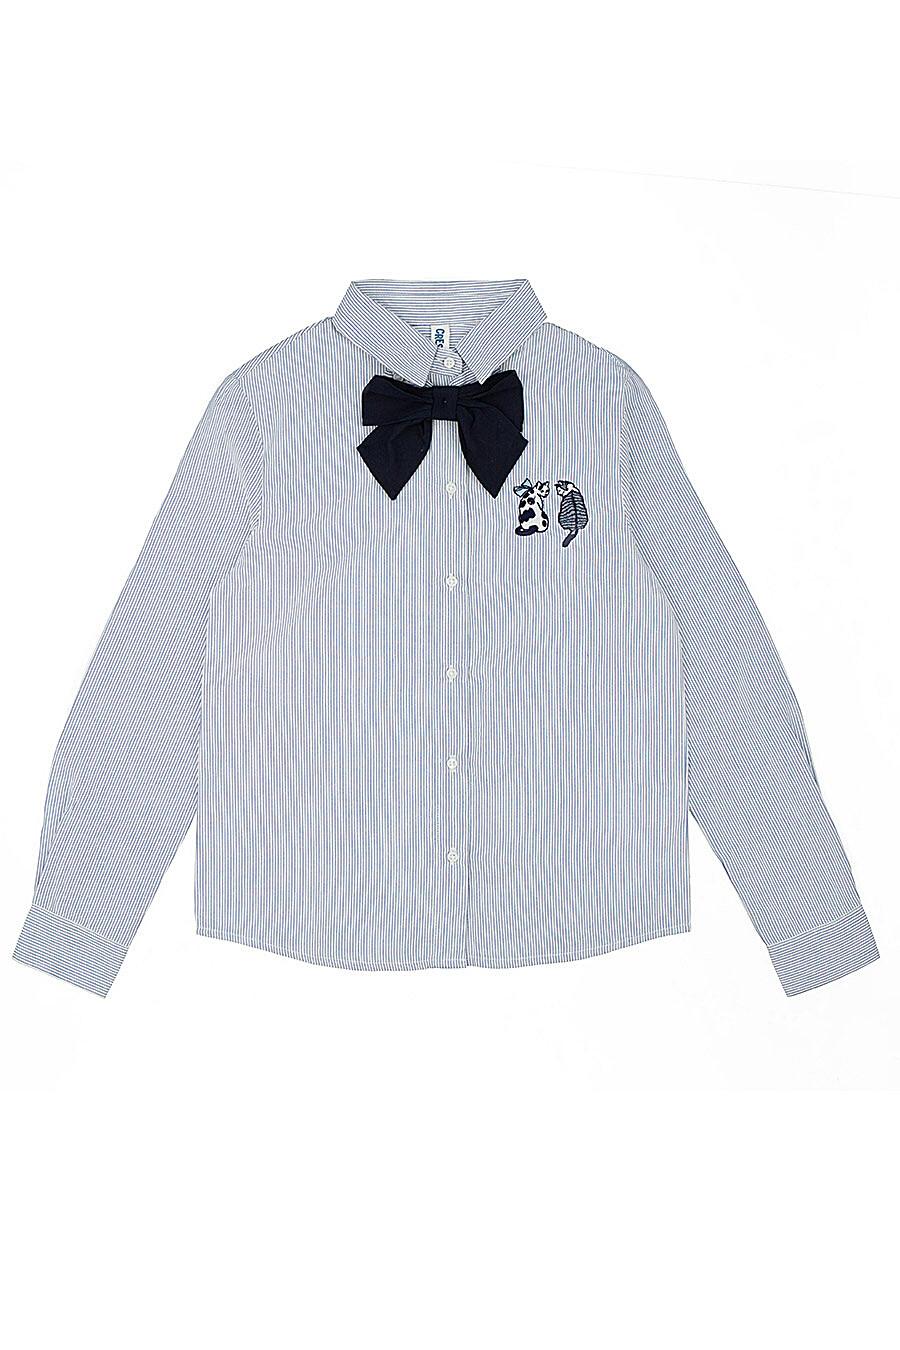 Блуза для девочек IN FUNT 219162 купить оптом от производителя. Совместная покупка детской одежды в OptMoyo